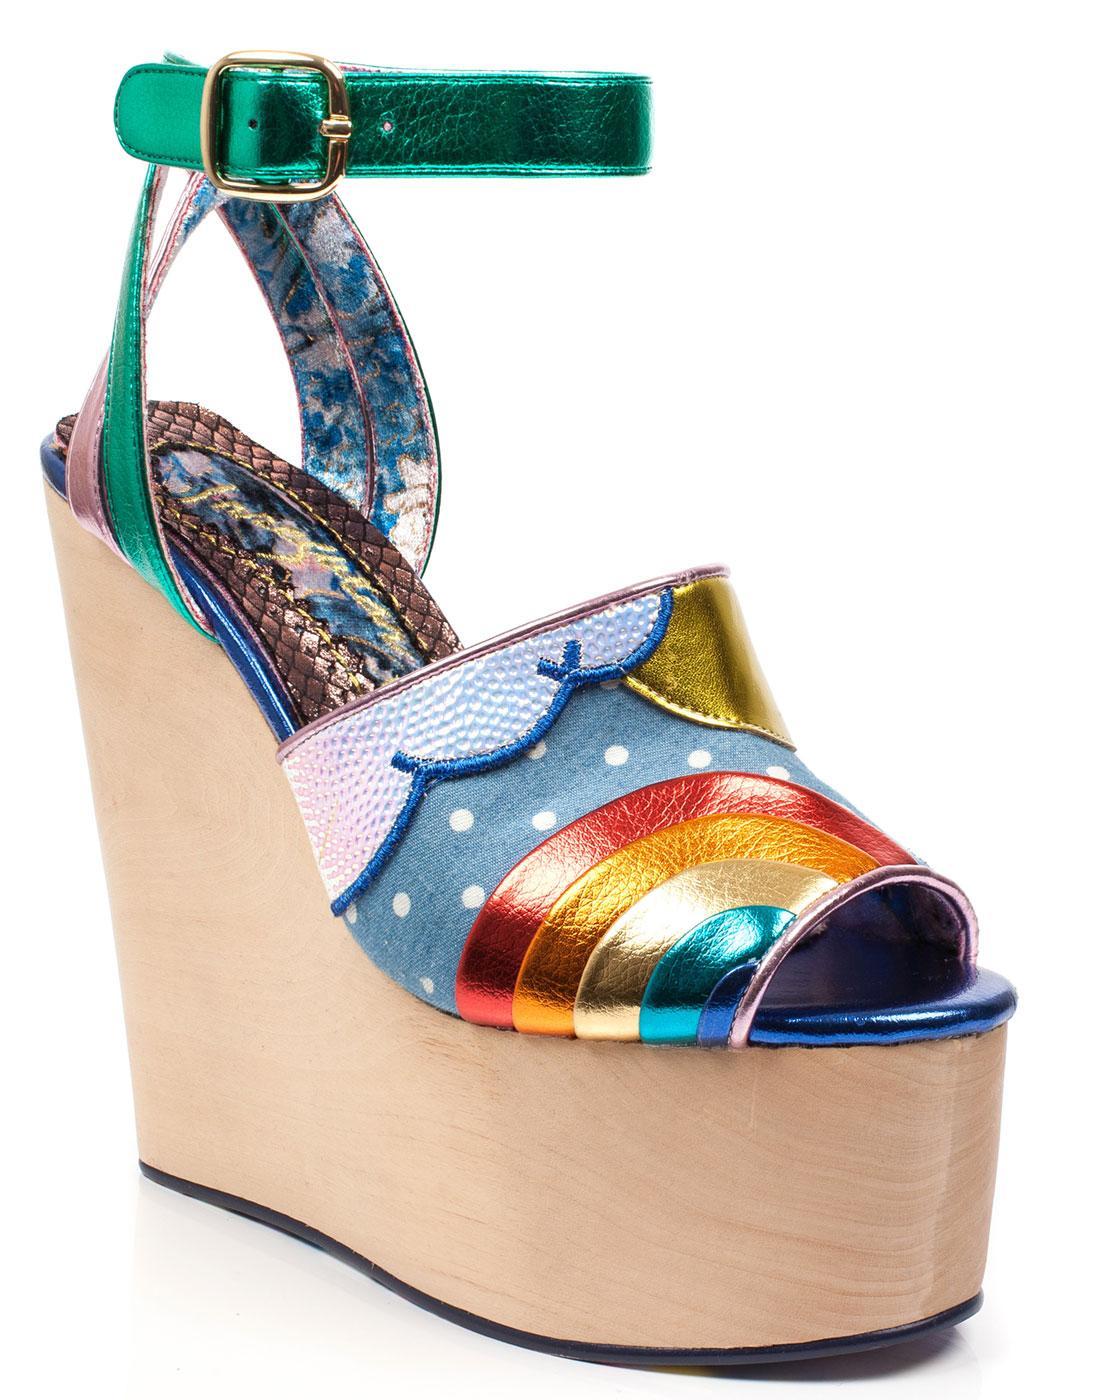 803c4e19337 IRREGULAR CHOICE Funshine Retro 70s Platform Shoes